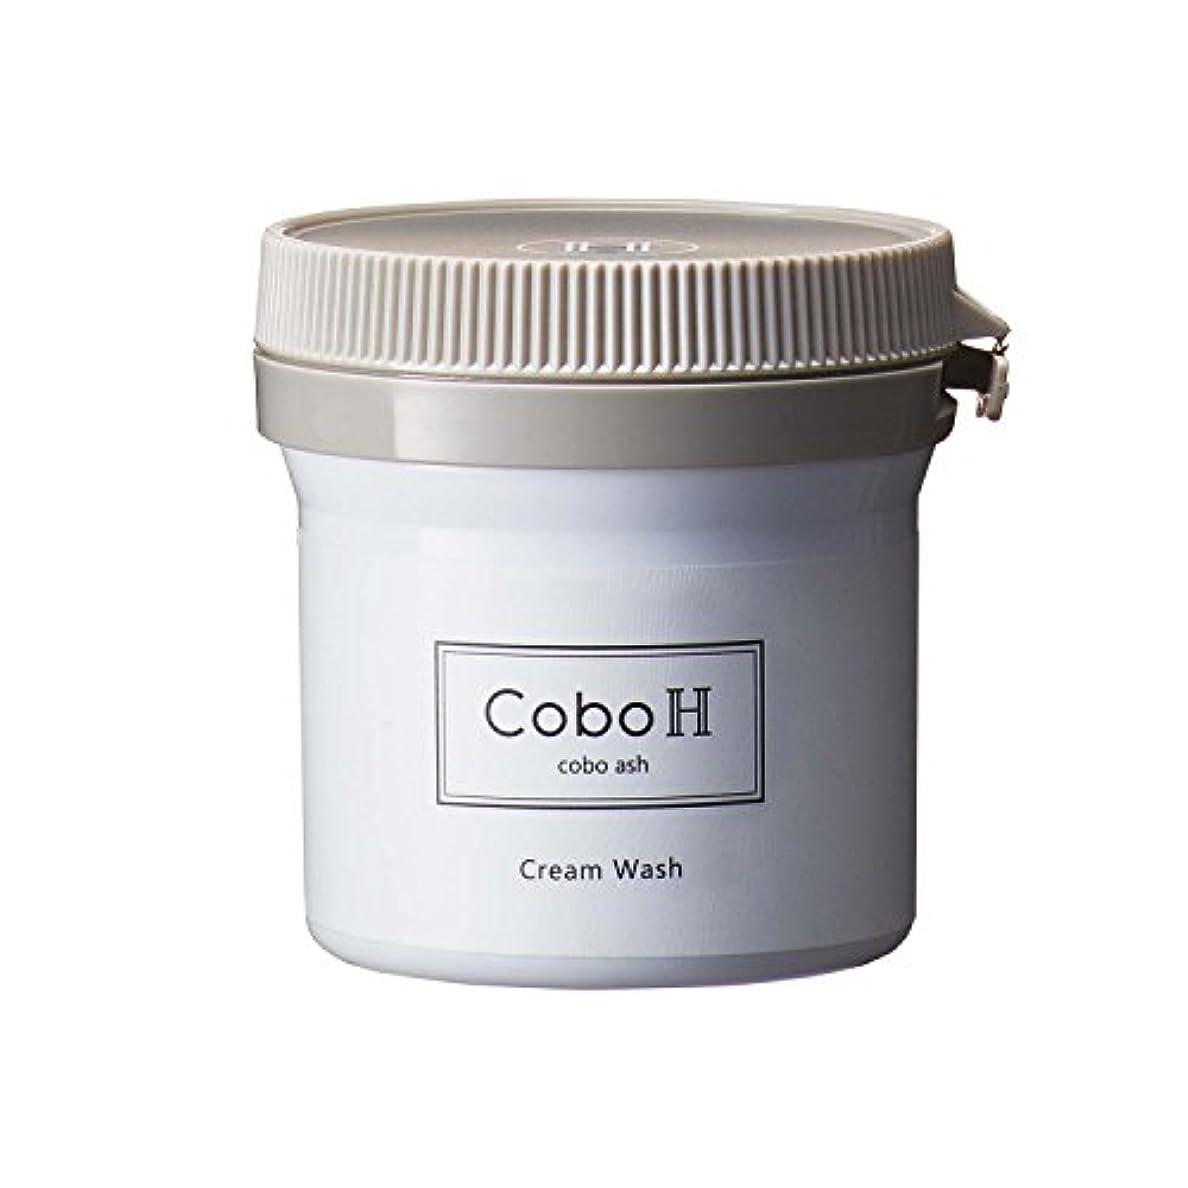 道を作る神聖細胞CoboH コーボアッシュ くりーむウォッシュ 洗顔クリーム 80g